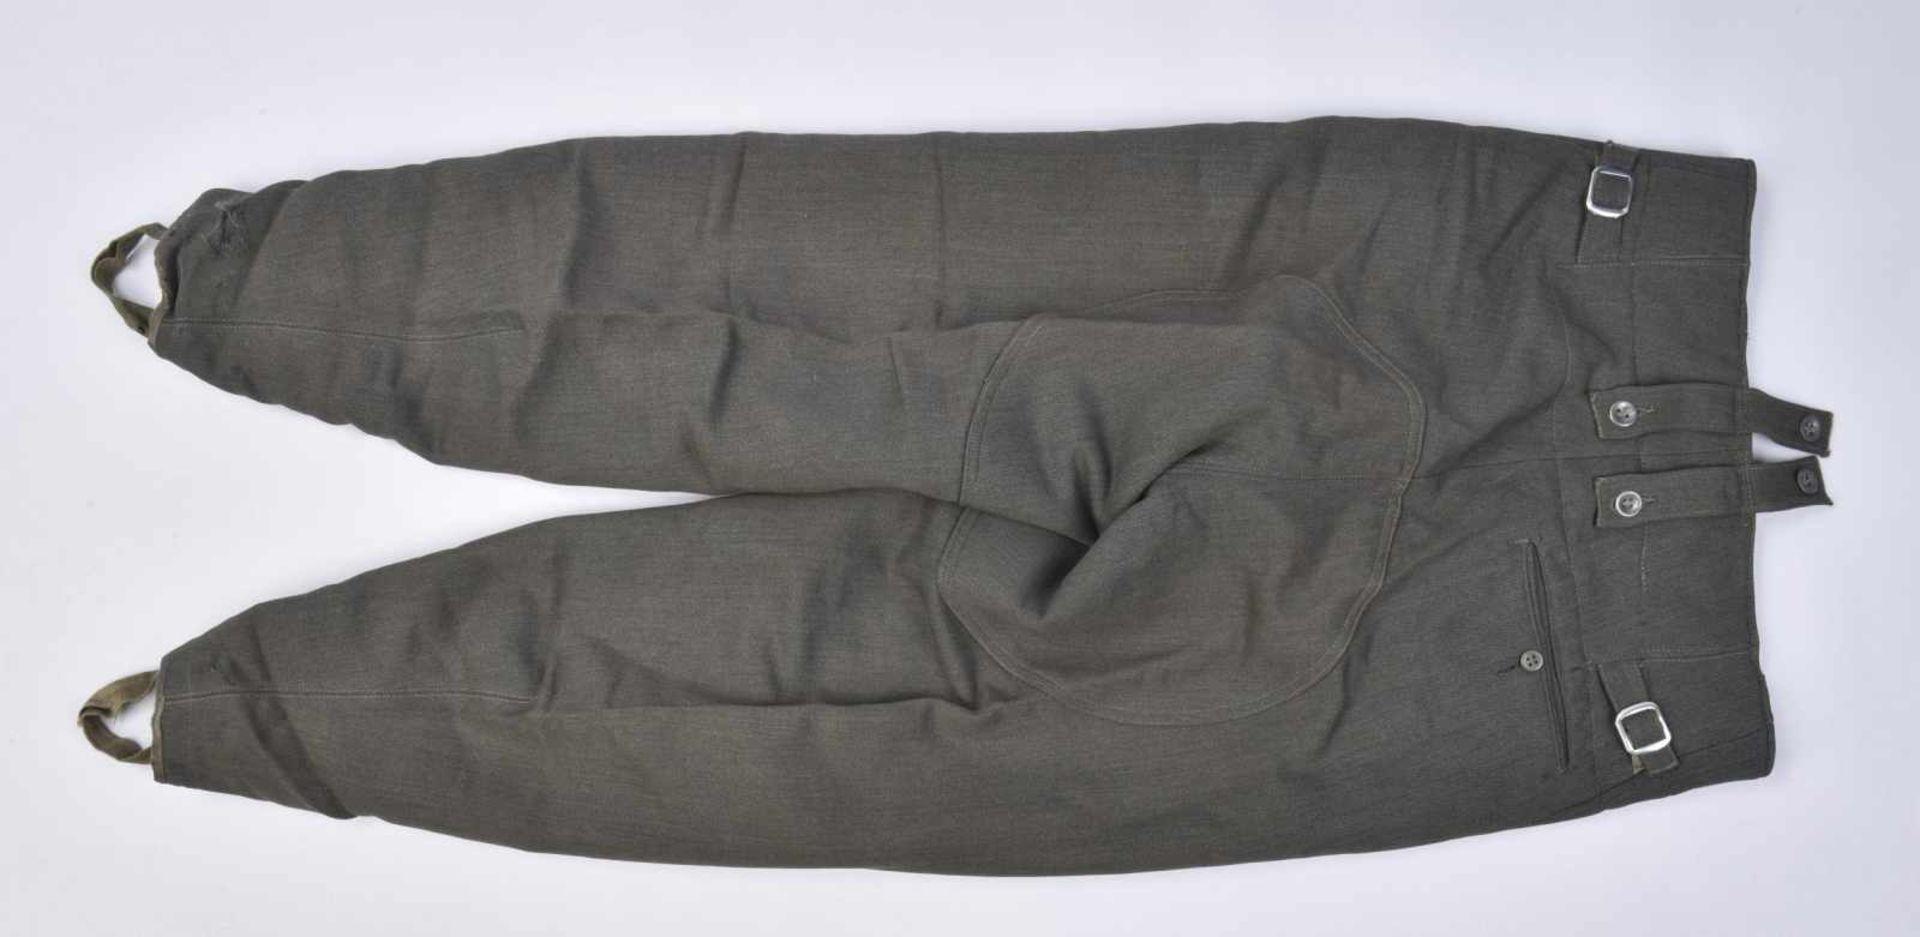 Pantalon en gabardine italienne. Modèle 44, en gabardine grise, tous les boutons sont présents. - Bild 4 aus 4